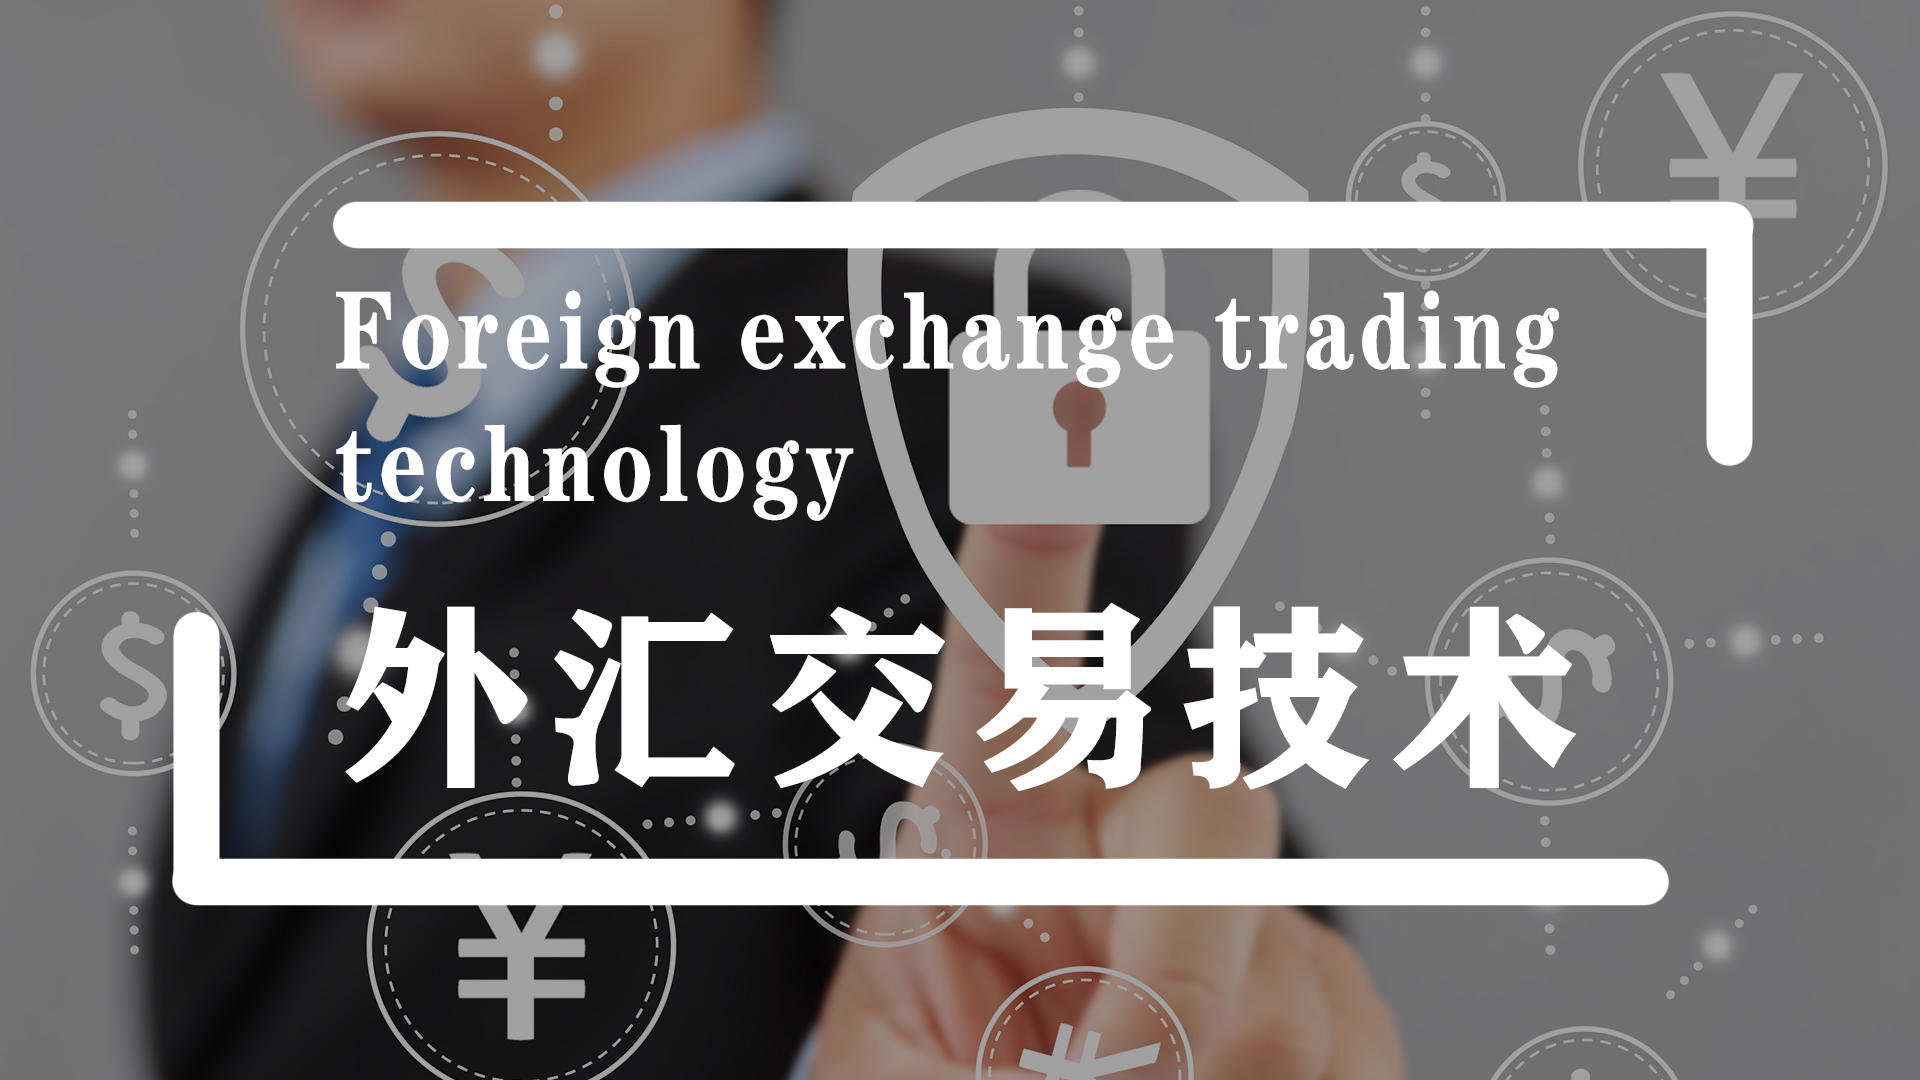 外汇交易技术